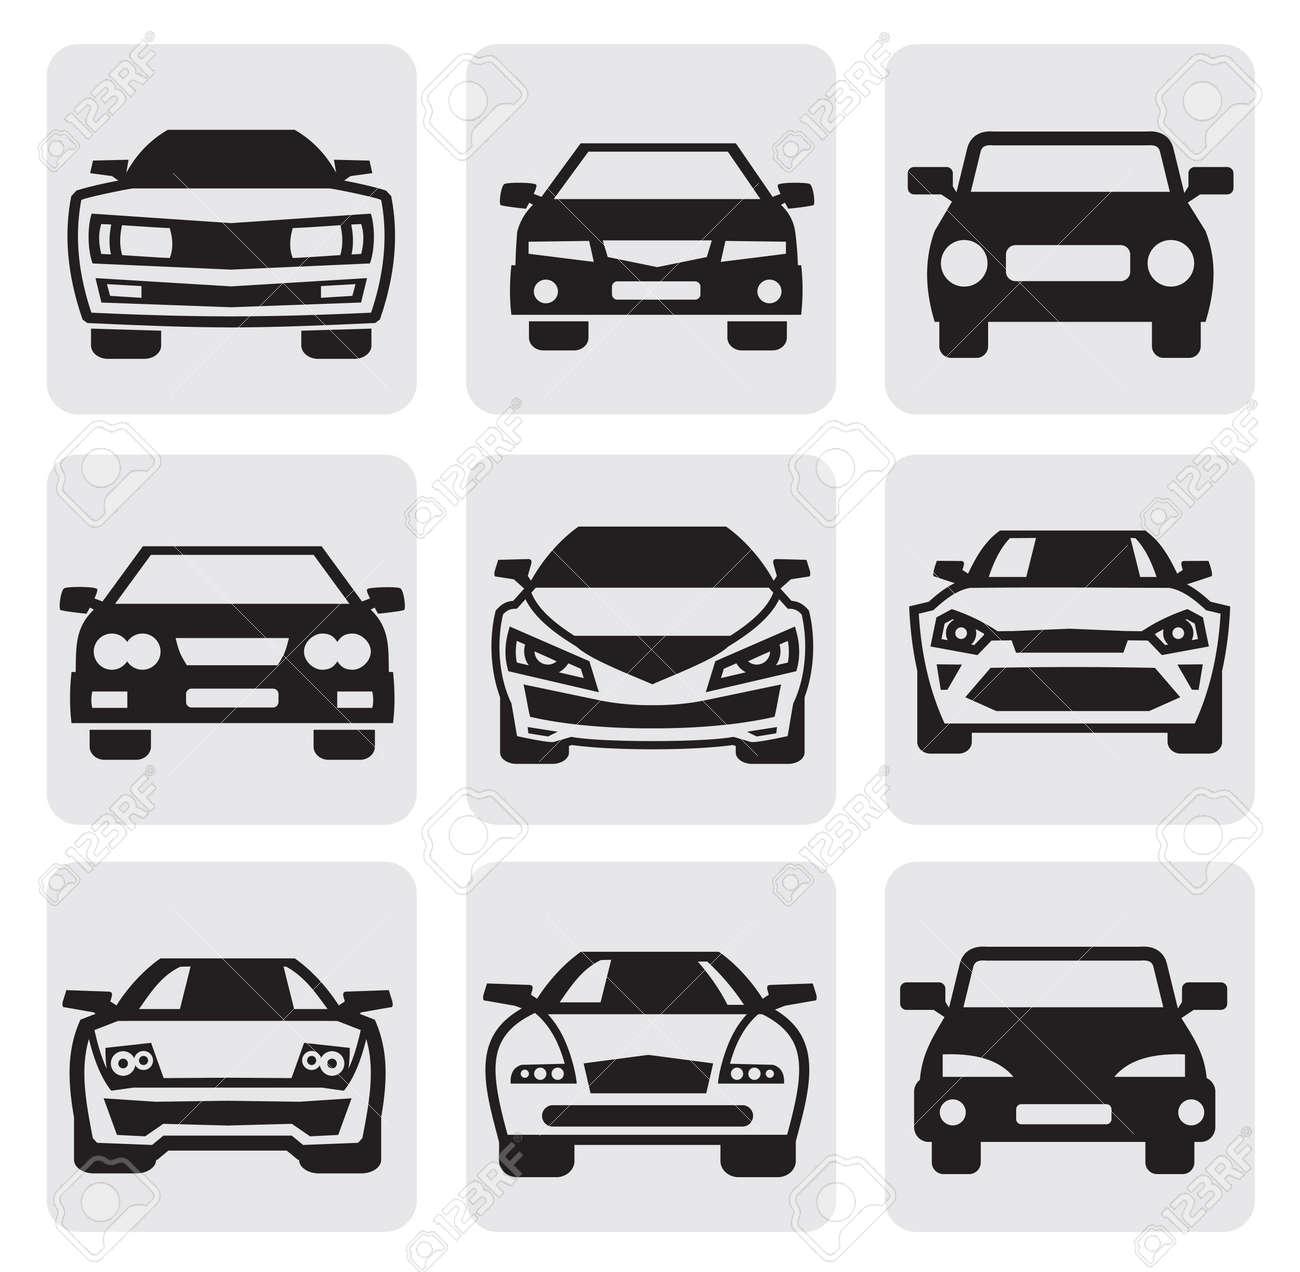 Car Symbols Set Royalty Free Cliparts Vectors And Stock